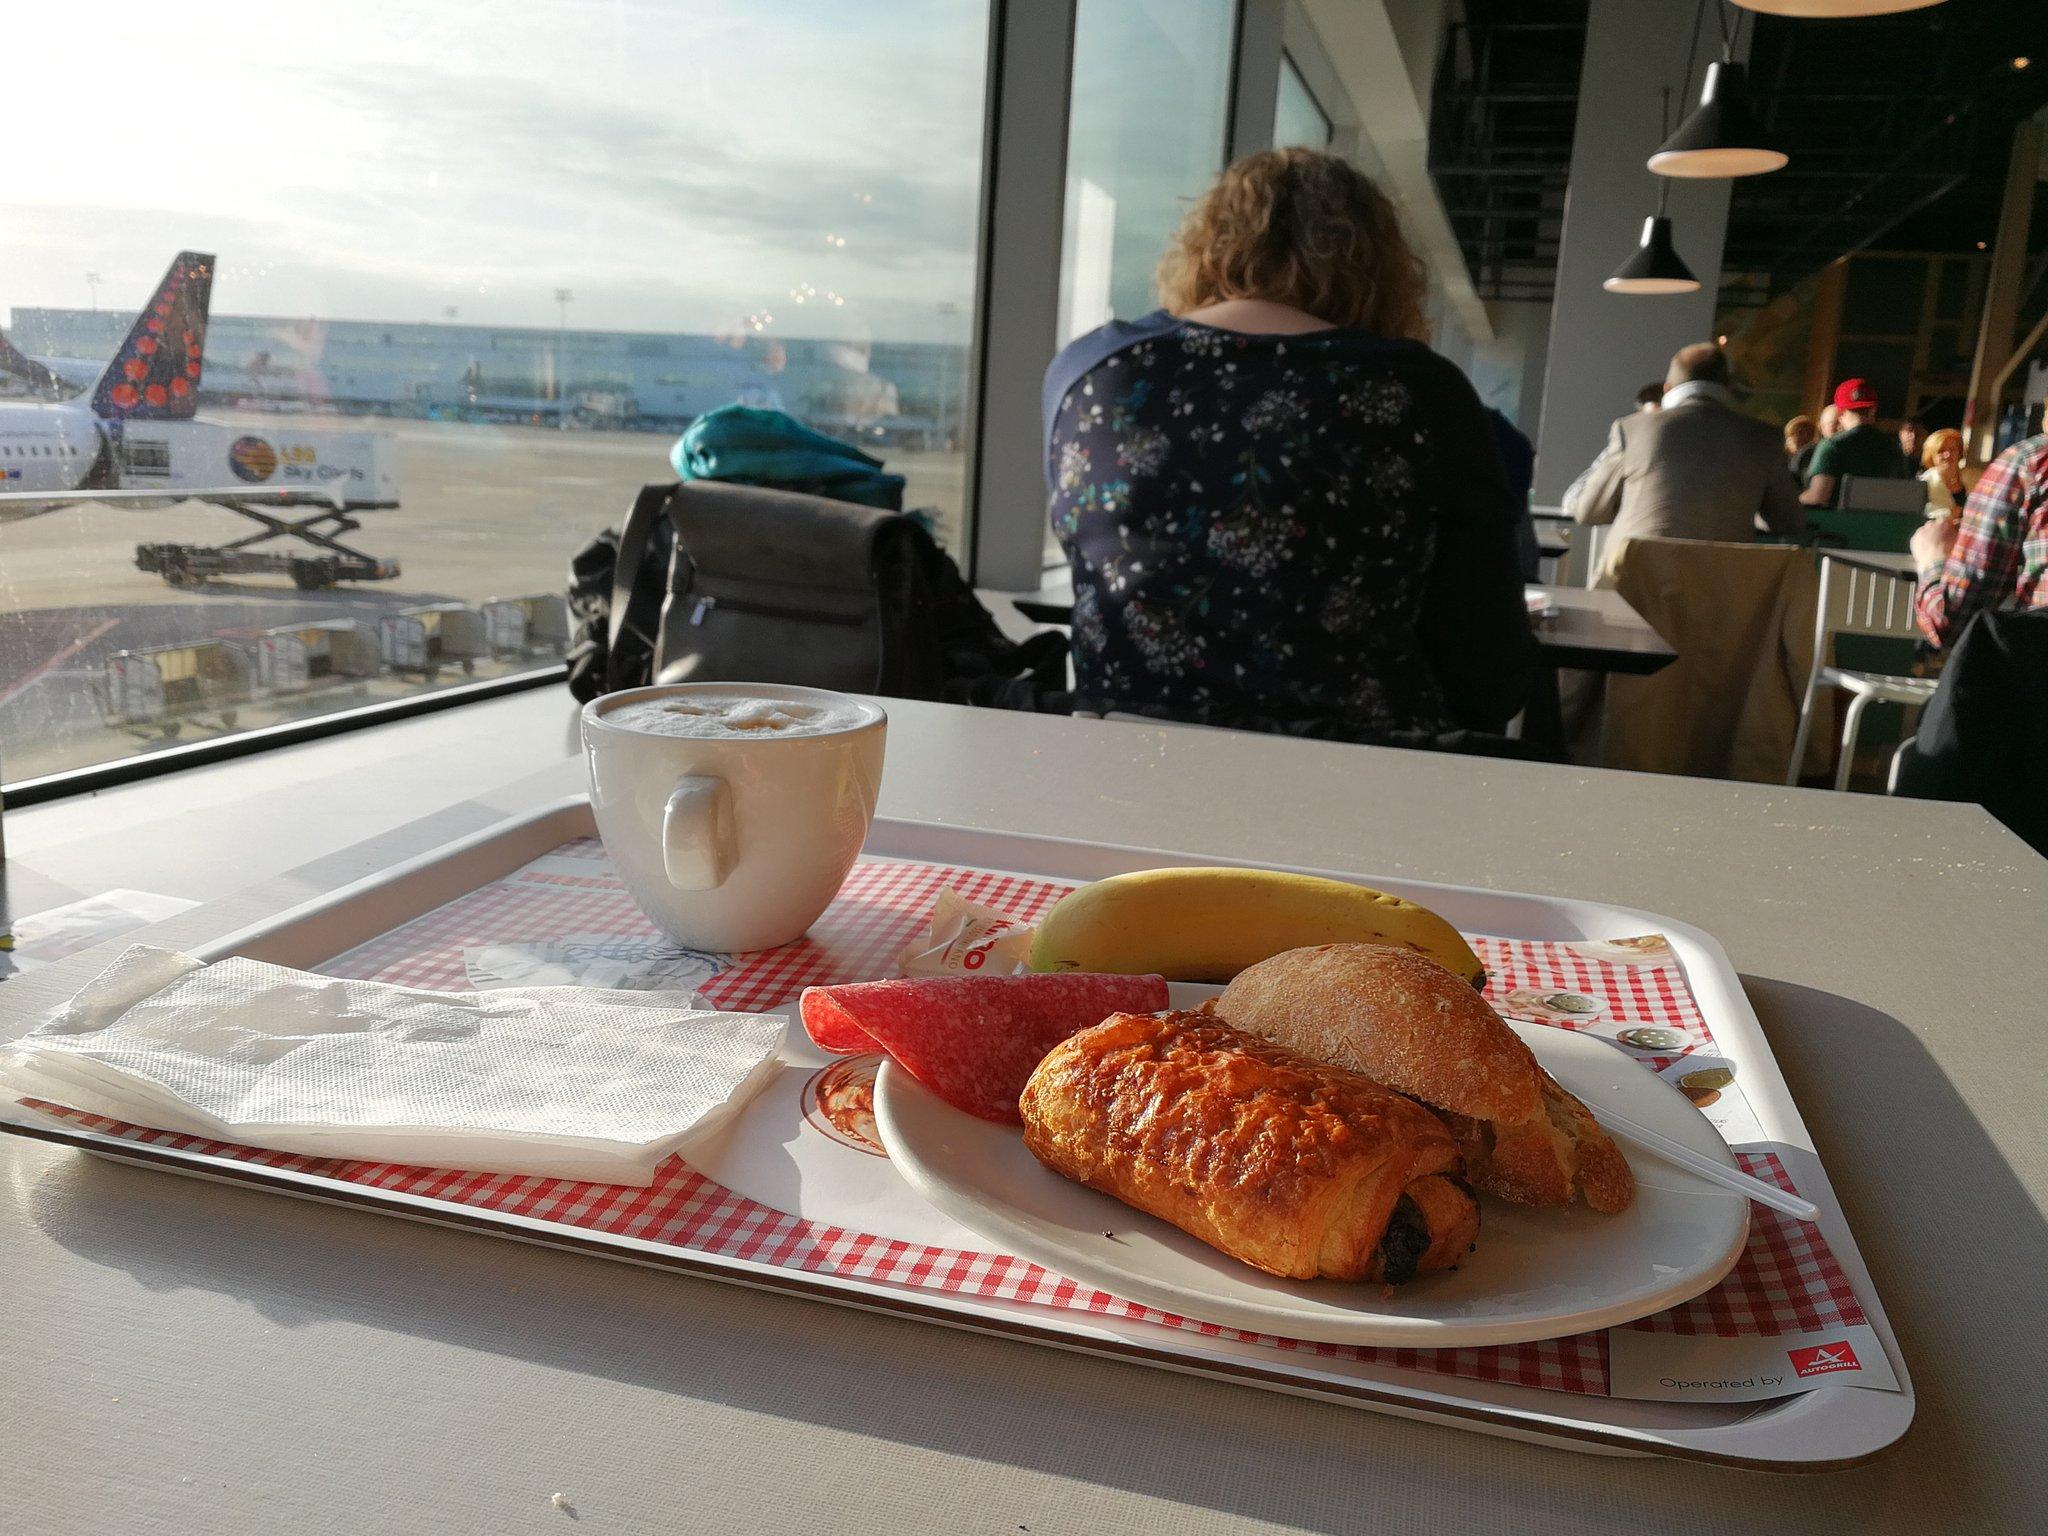 Les dimanches au soleil chez @BrusselsAirport ! https://t.co/10IceE4d7S